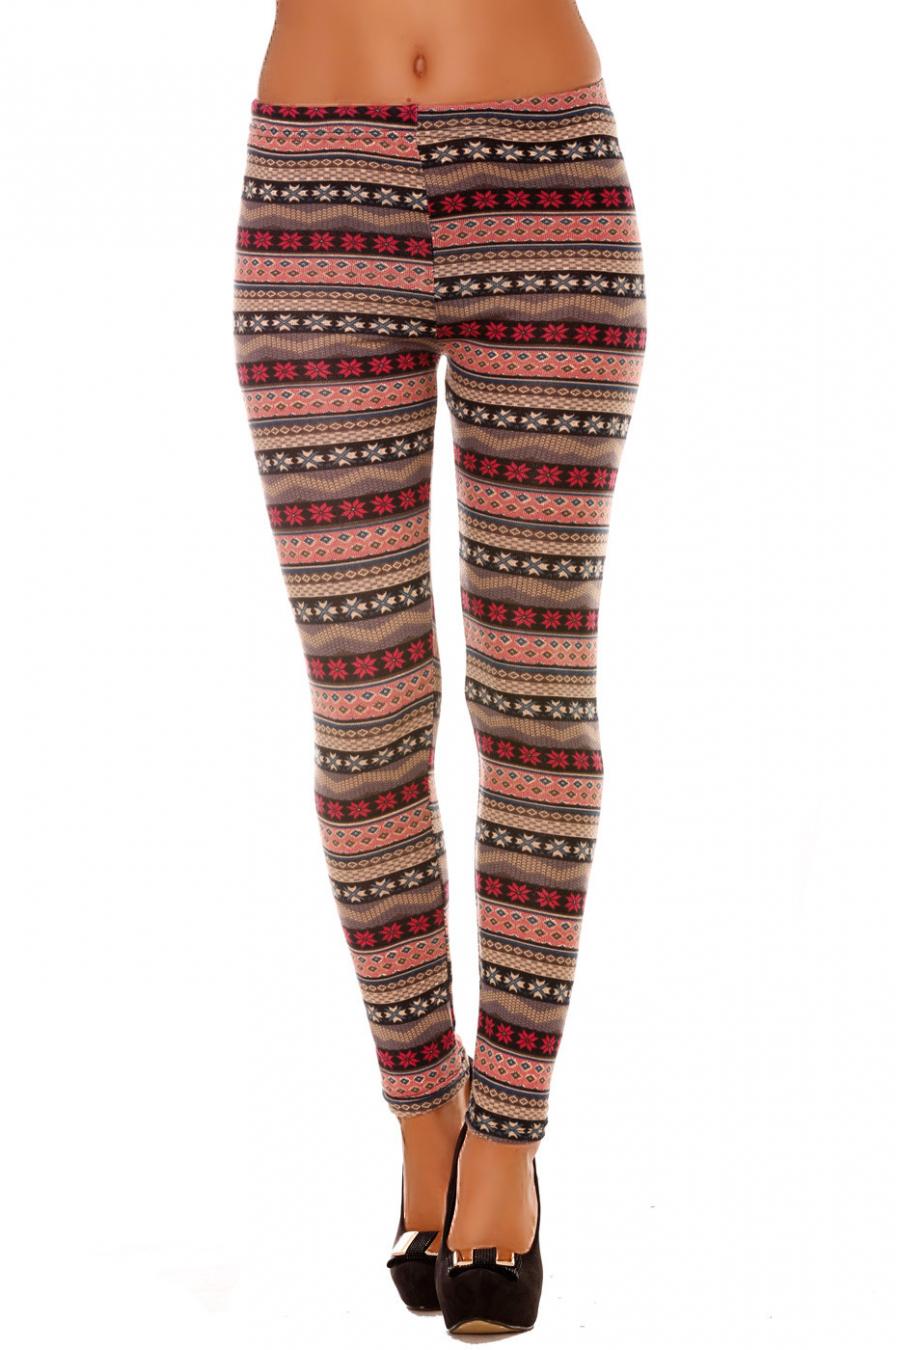 Leggings d'hiver en acrylique en Fushia et Gris avec jolie motif. Leggings Tendance 112-4